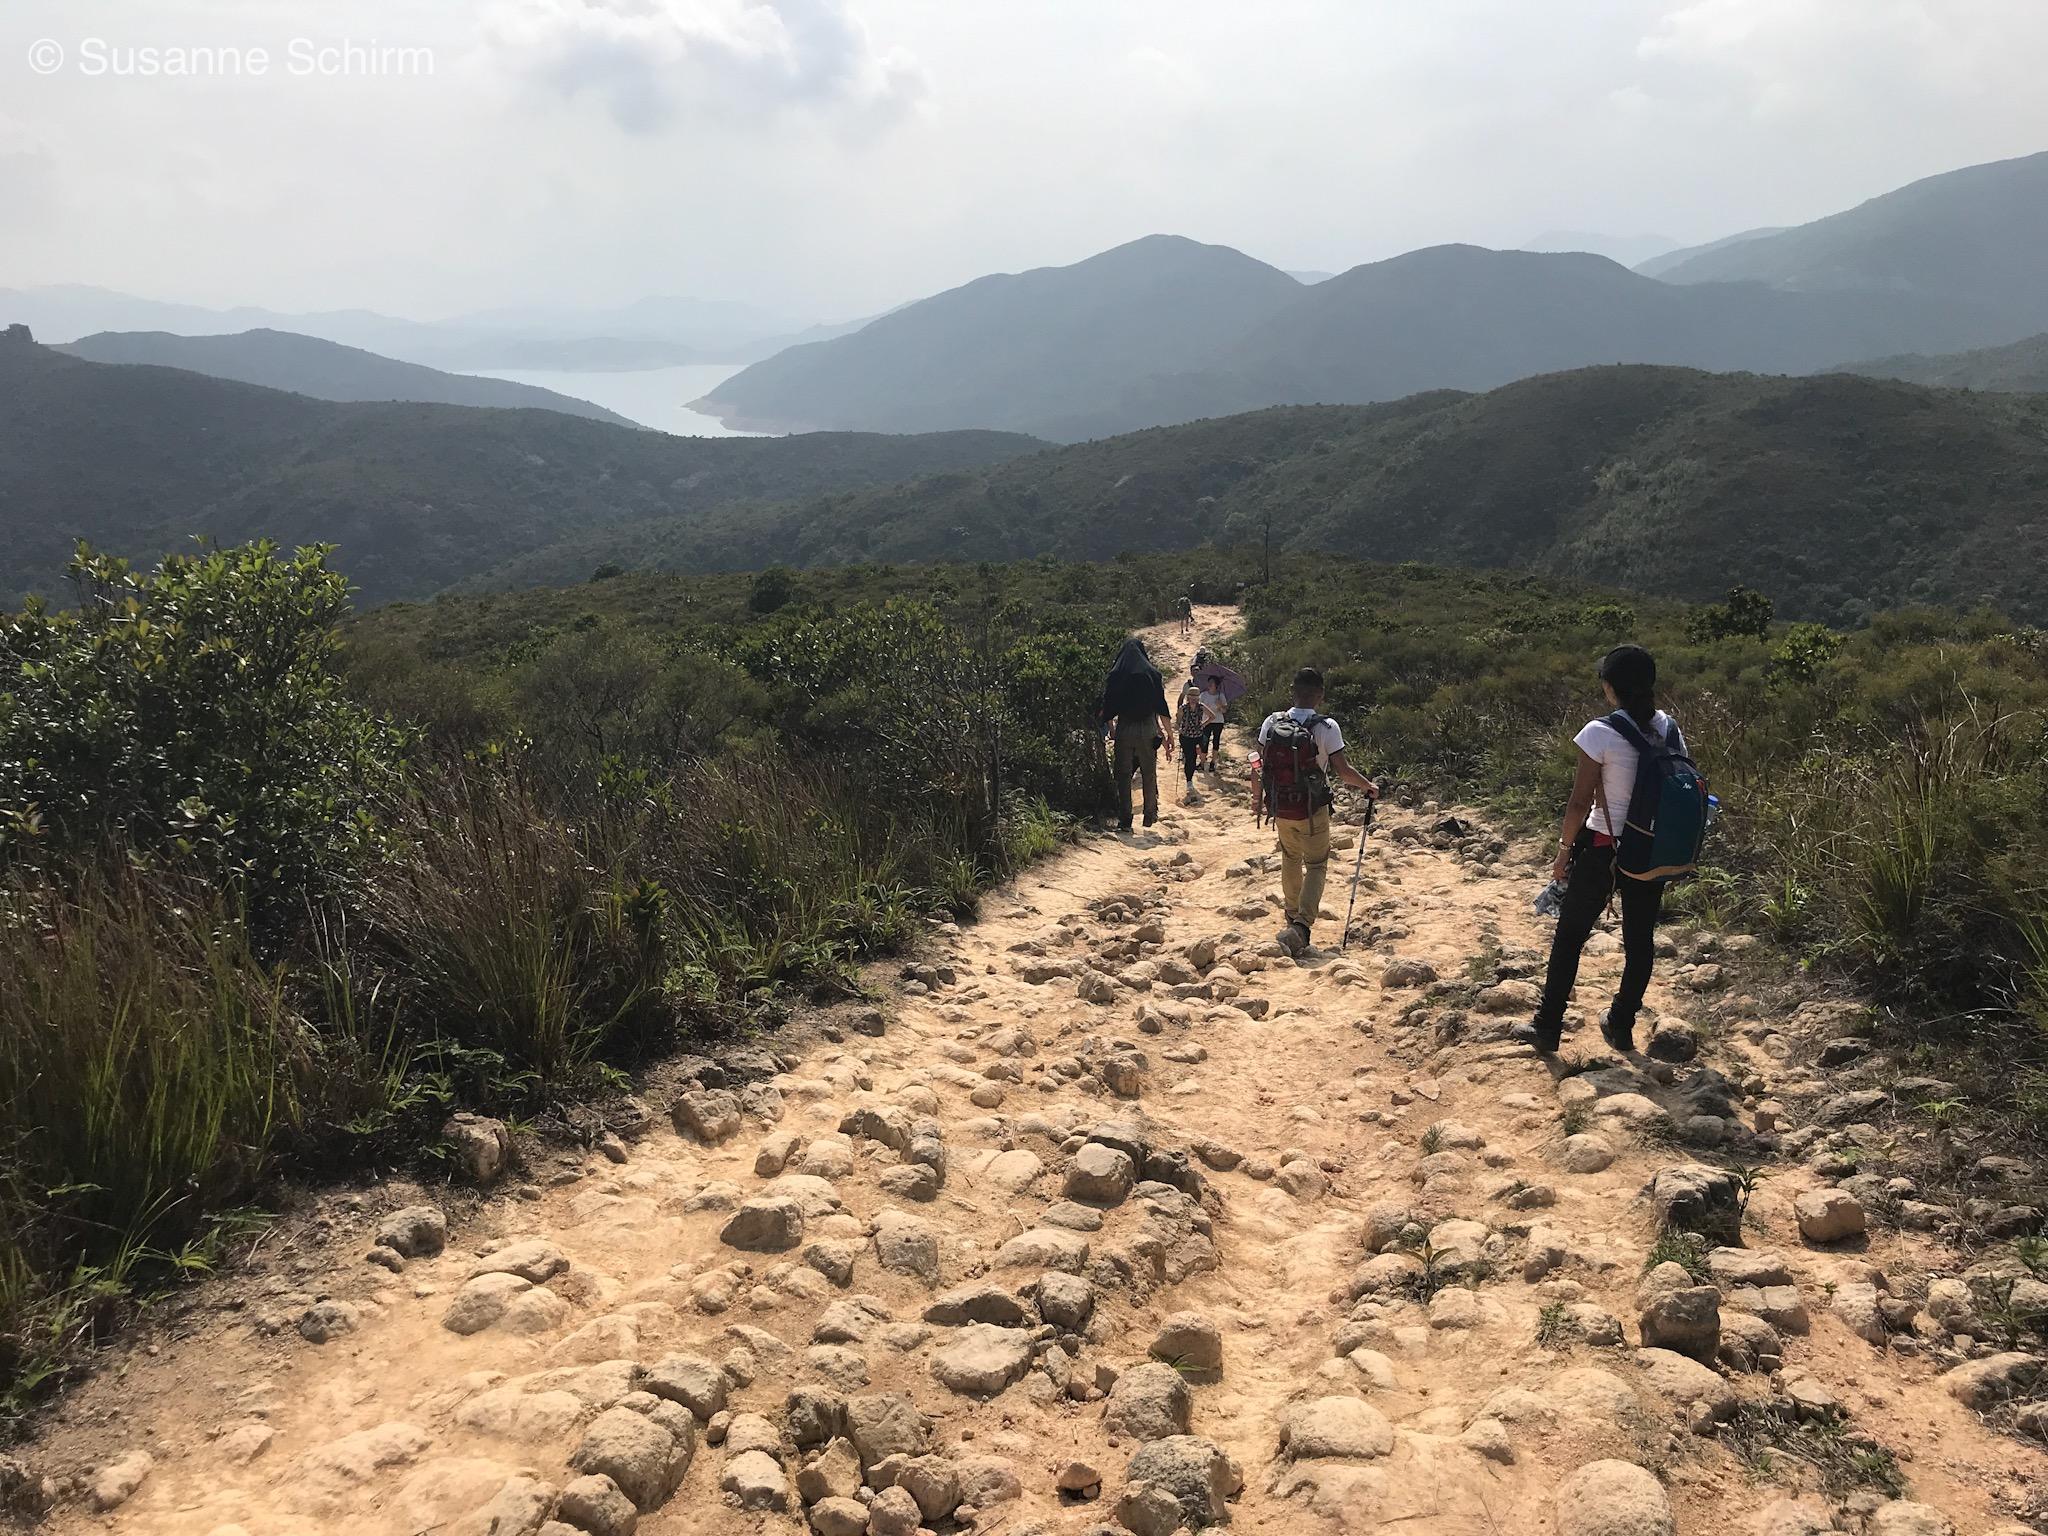 Bild von Wanderern auf dem MacLehose Trail